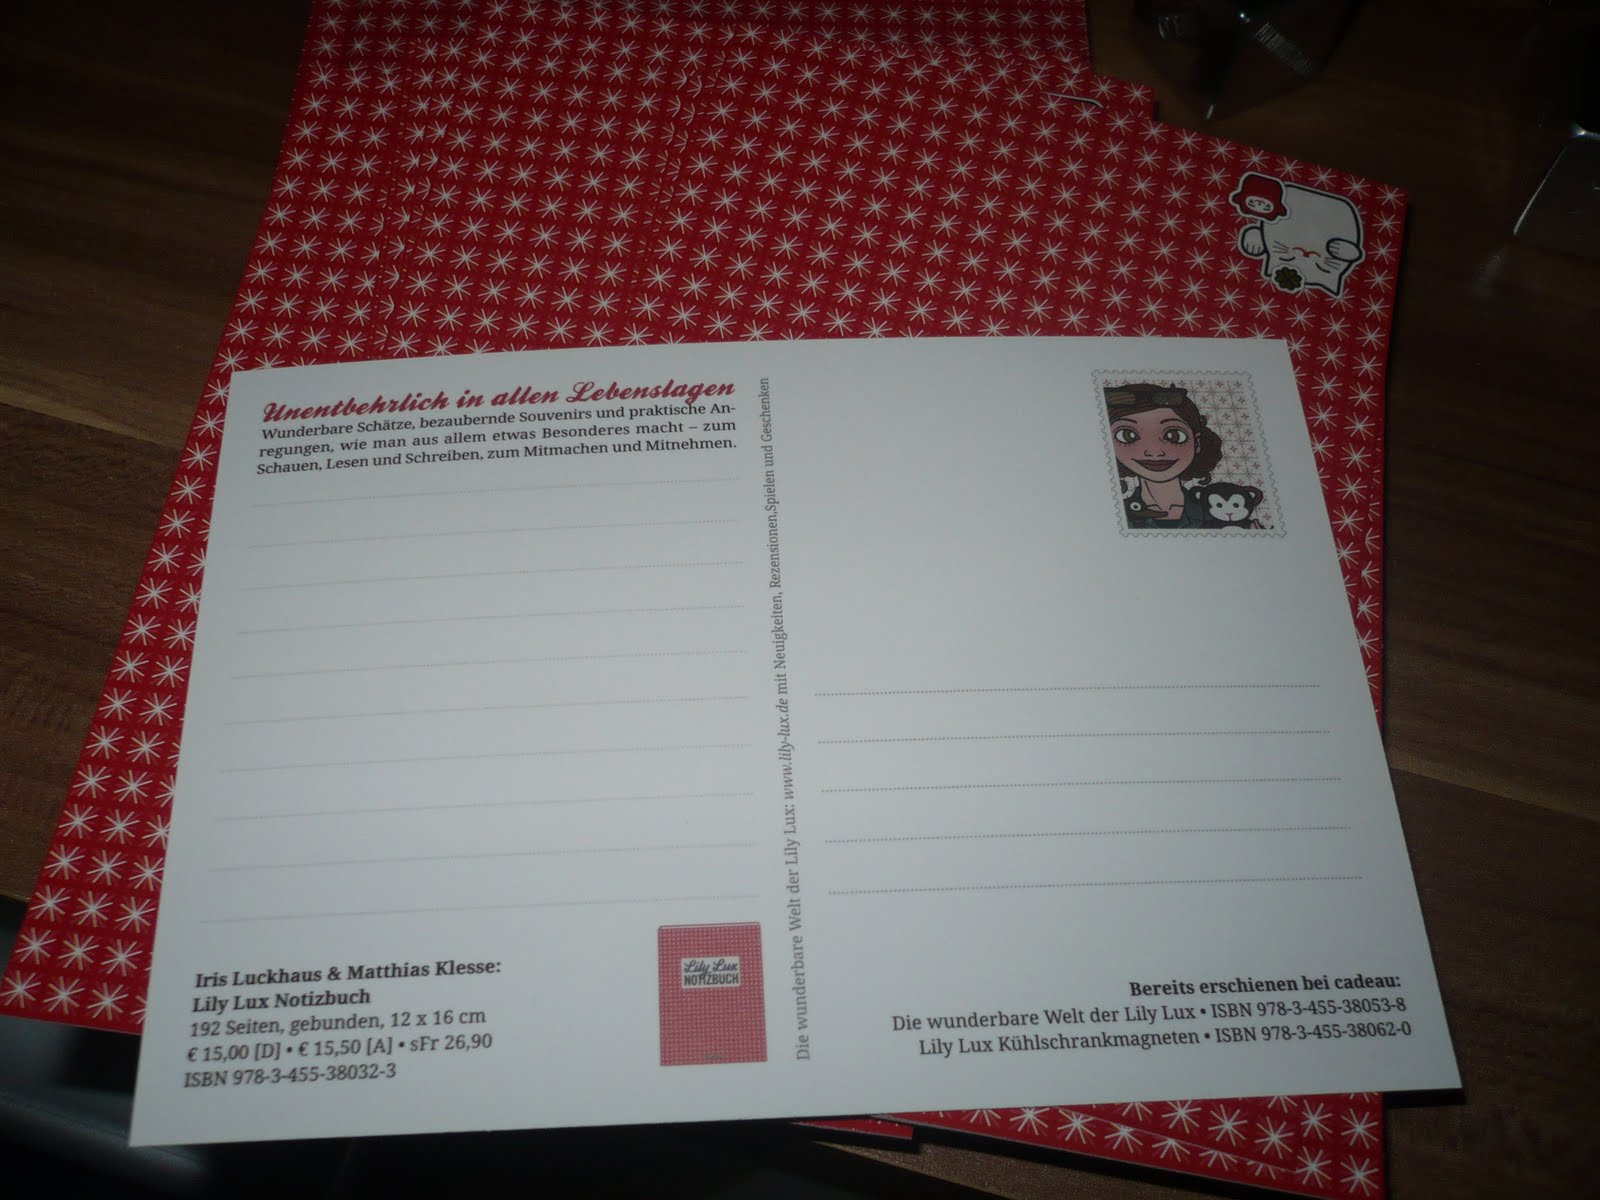 Foto von den Postkarten zum Lily Lux Notizbuch mit einem Passbild mit Äffchen als Briefmarke